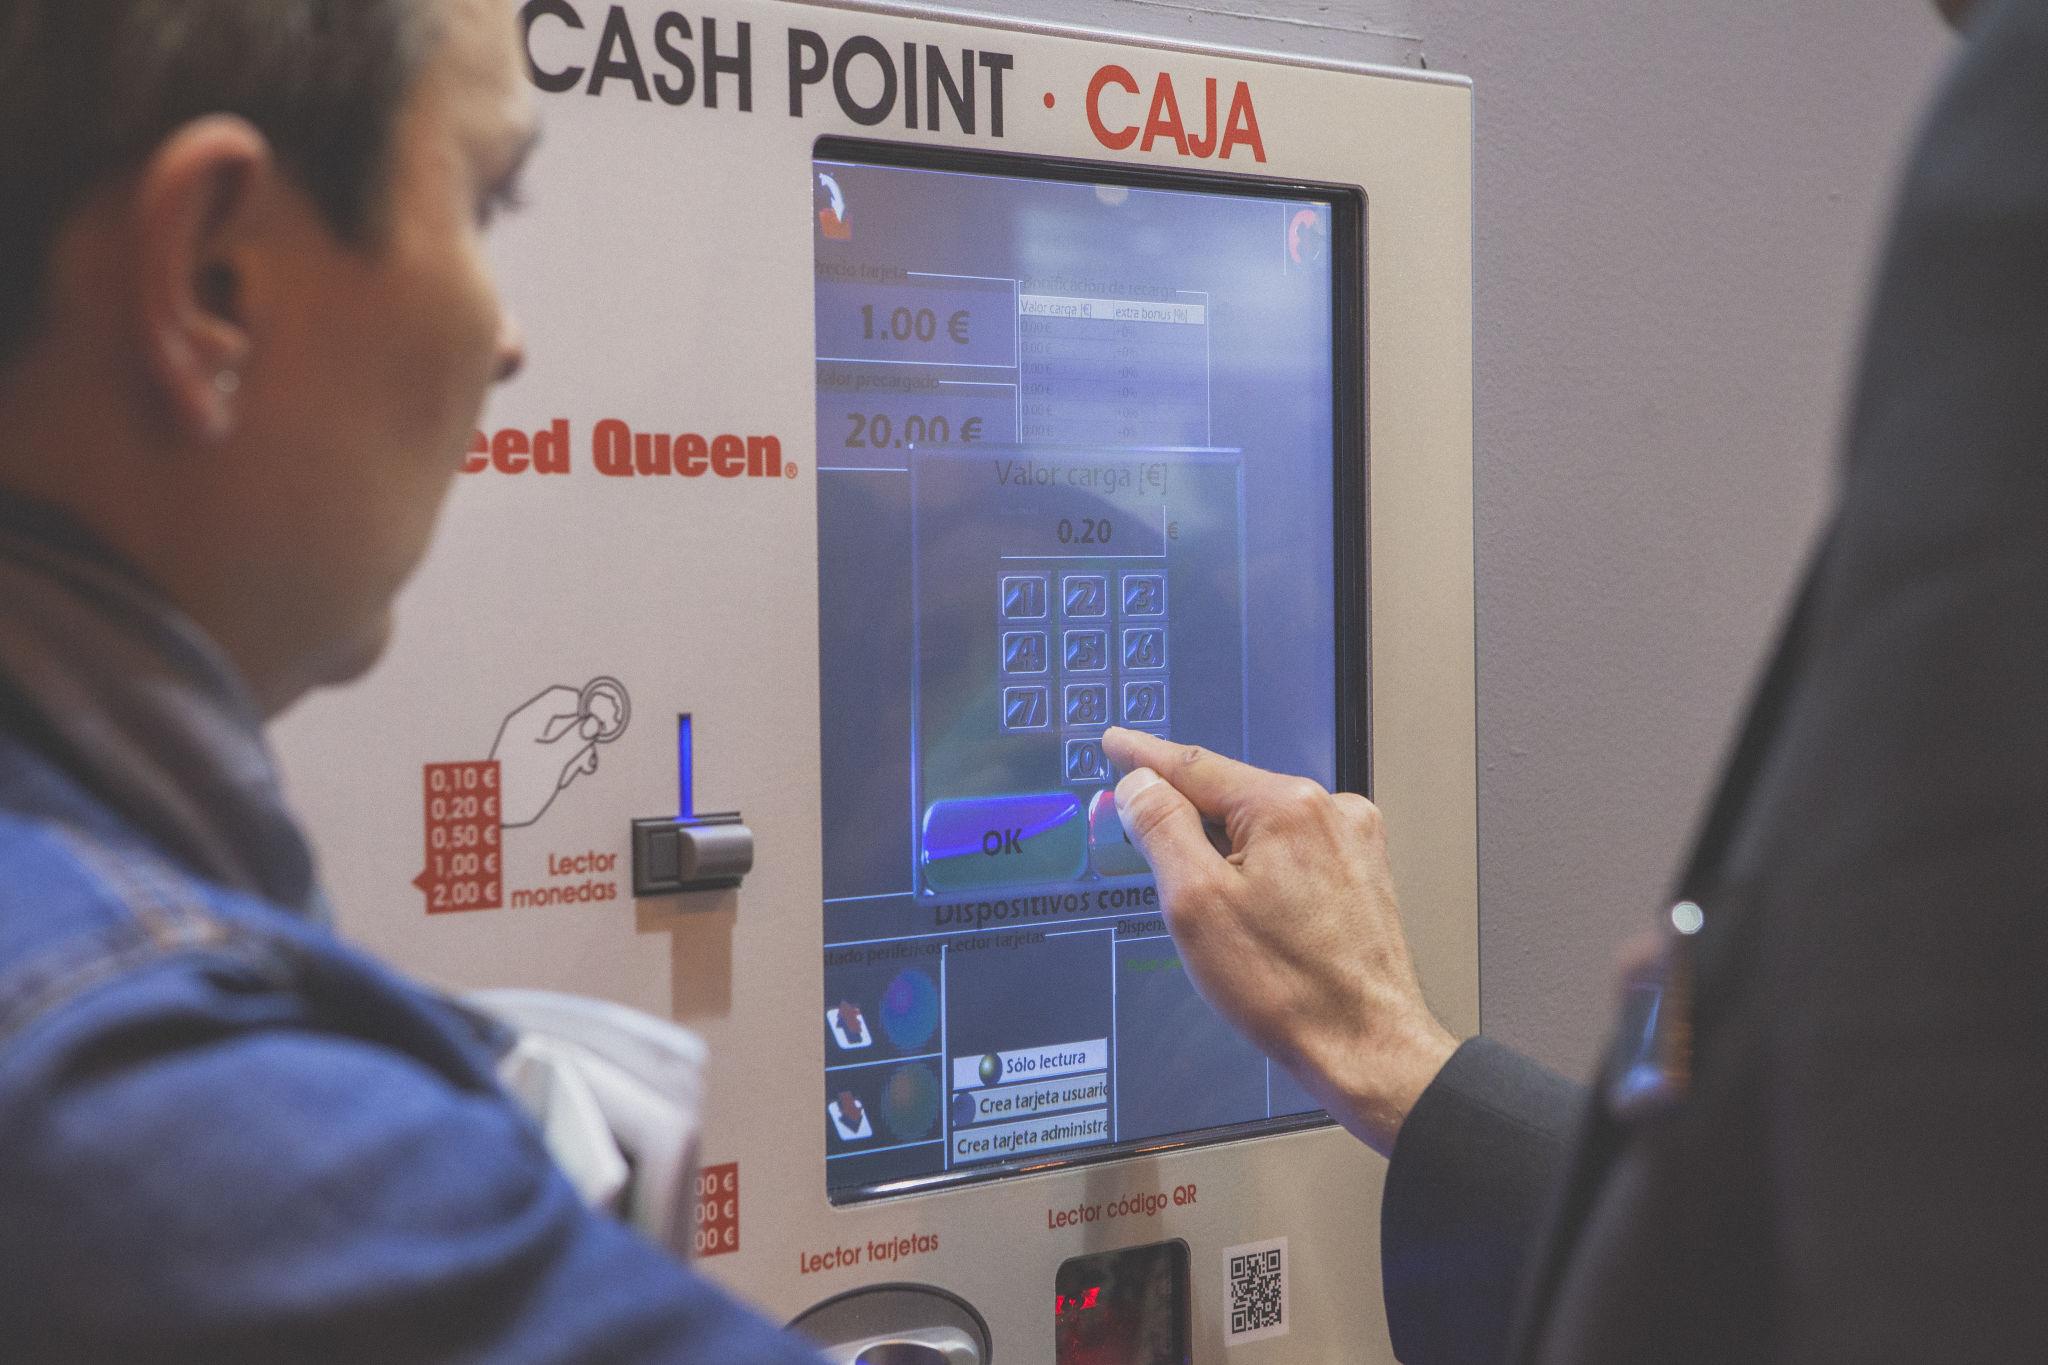 Probando máquina cash point Speed Queen en España